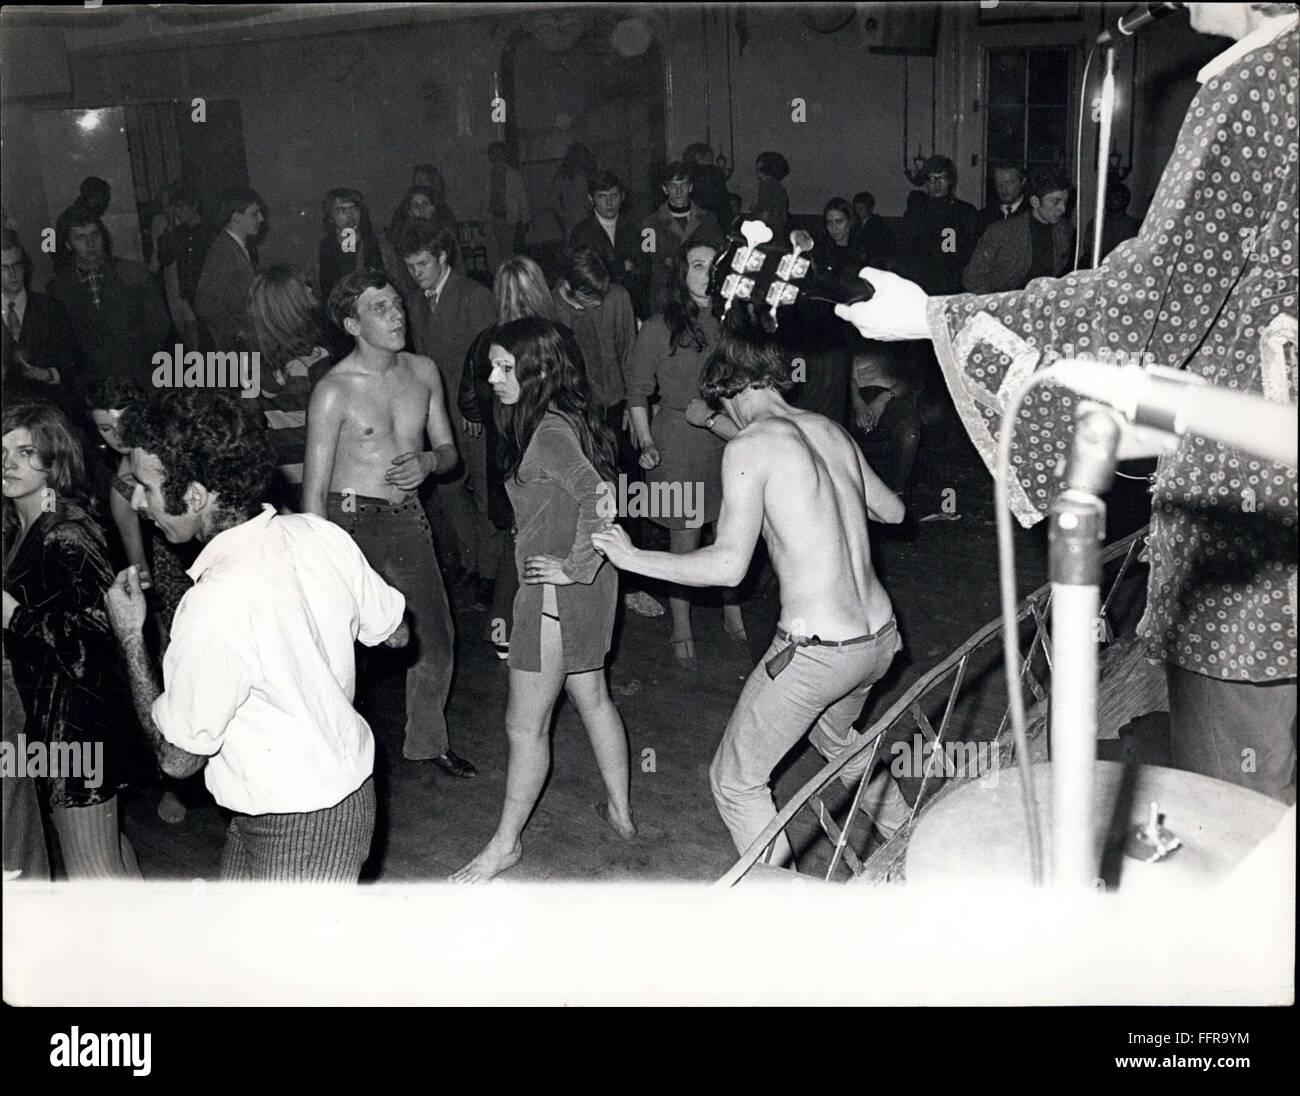 4ab98010440d 1968 - hippy di Hippies nulla va a un episodio  persone le inibizioni del 14